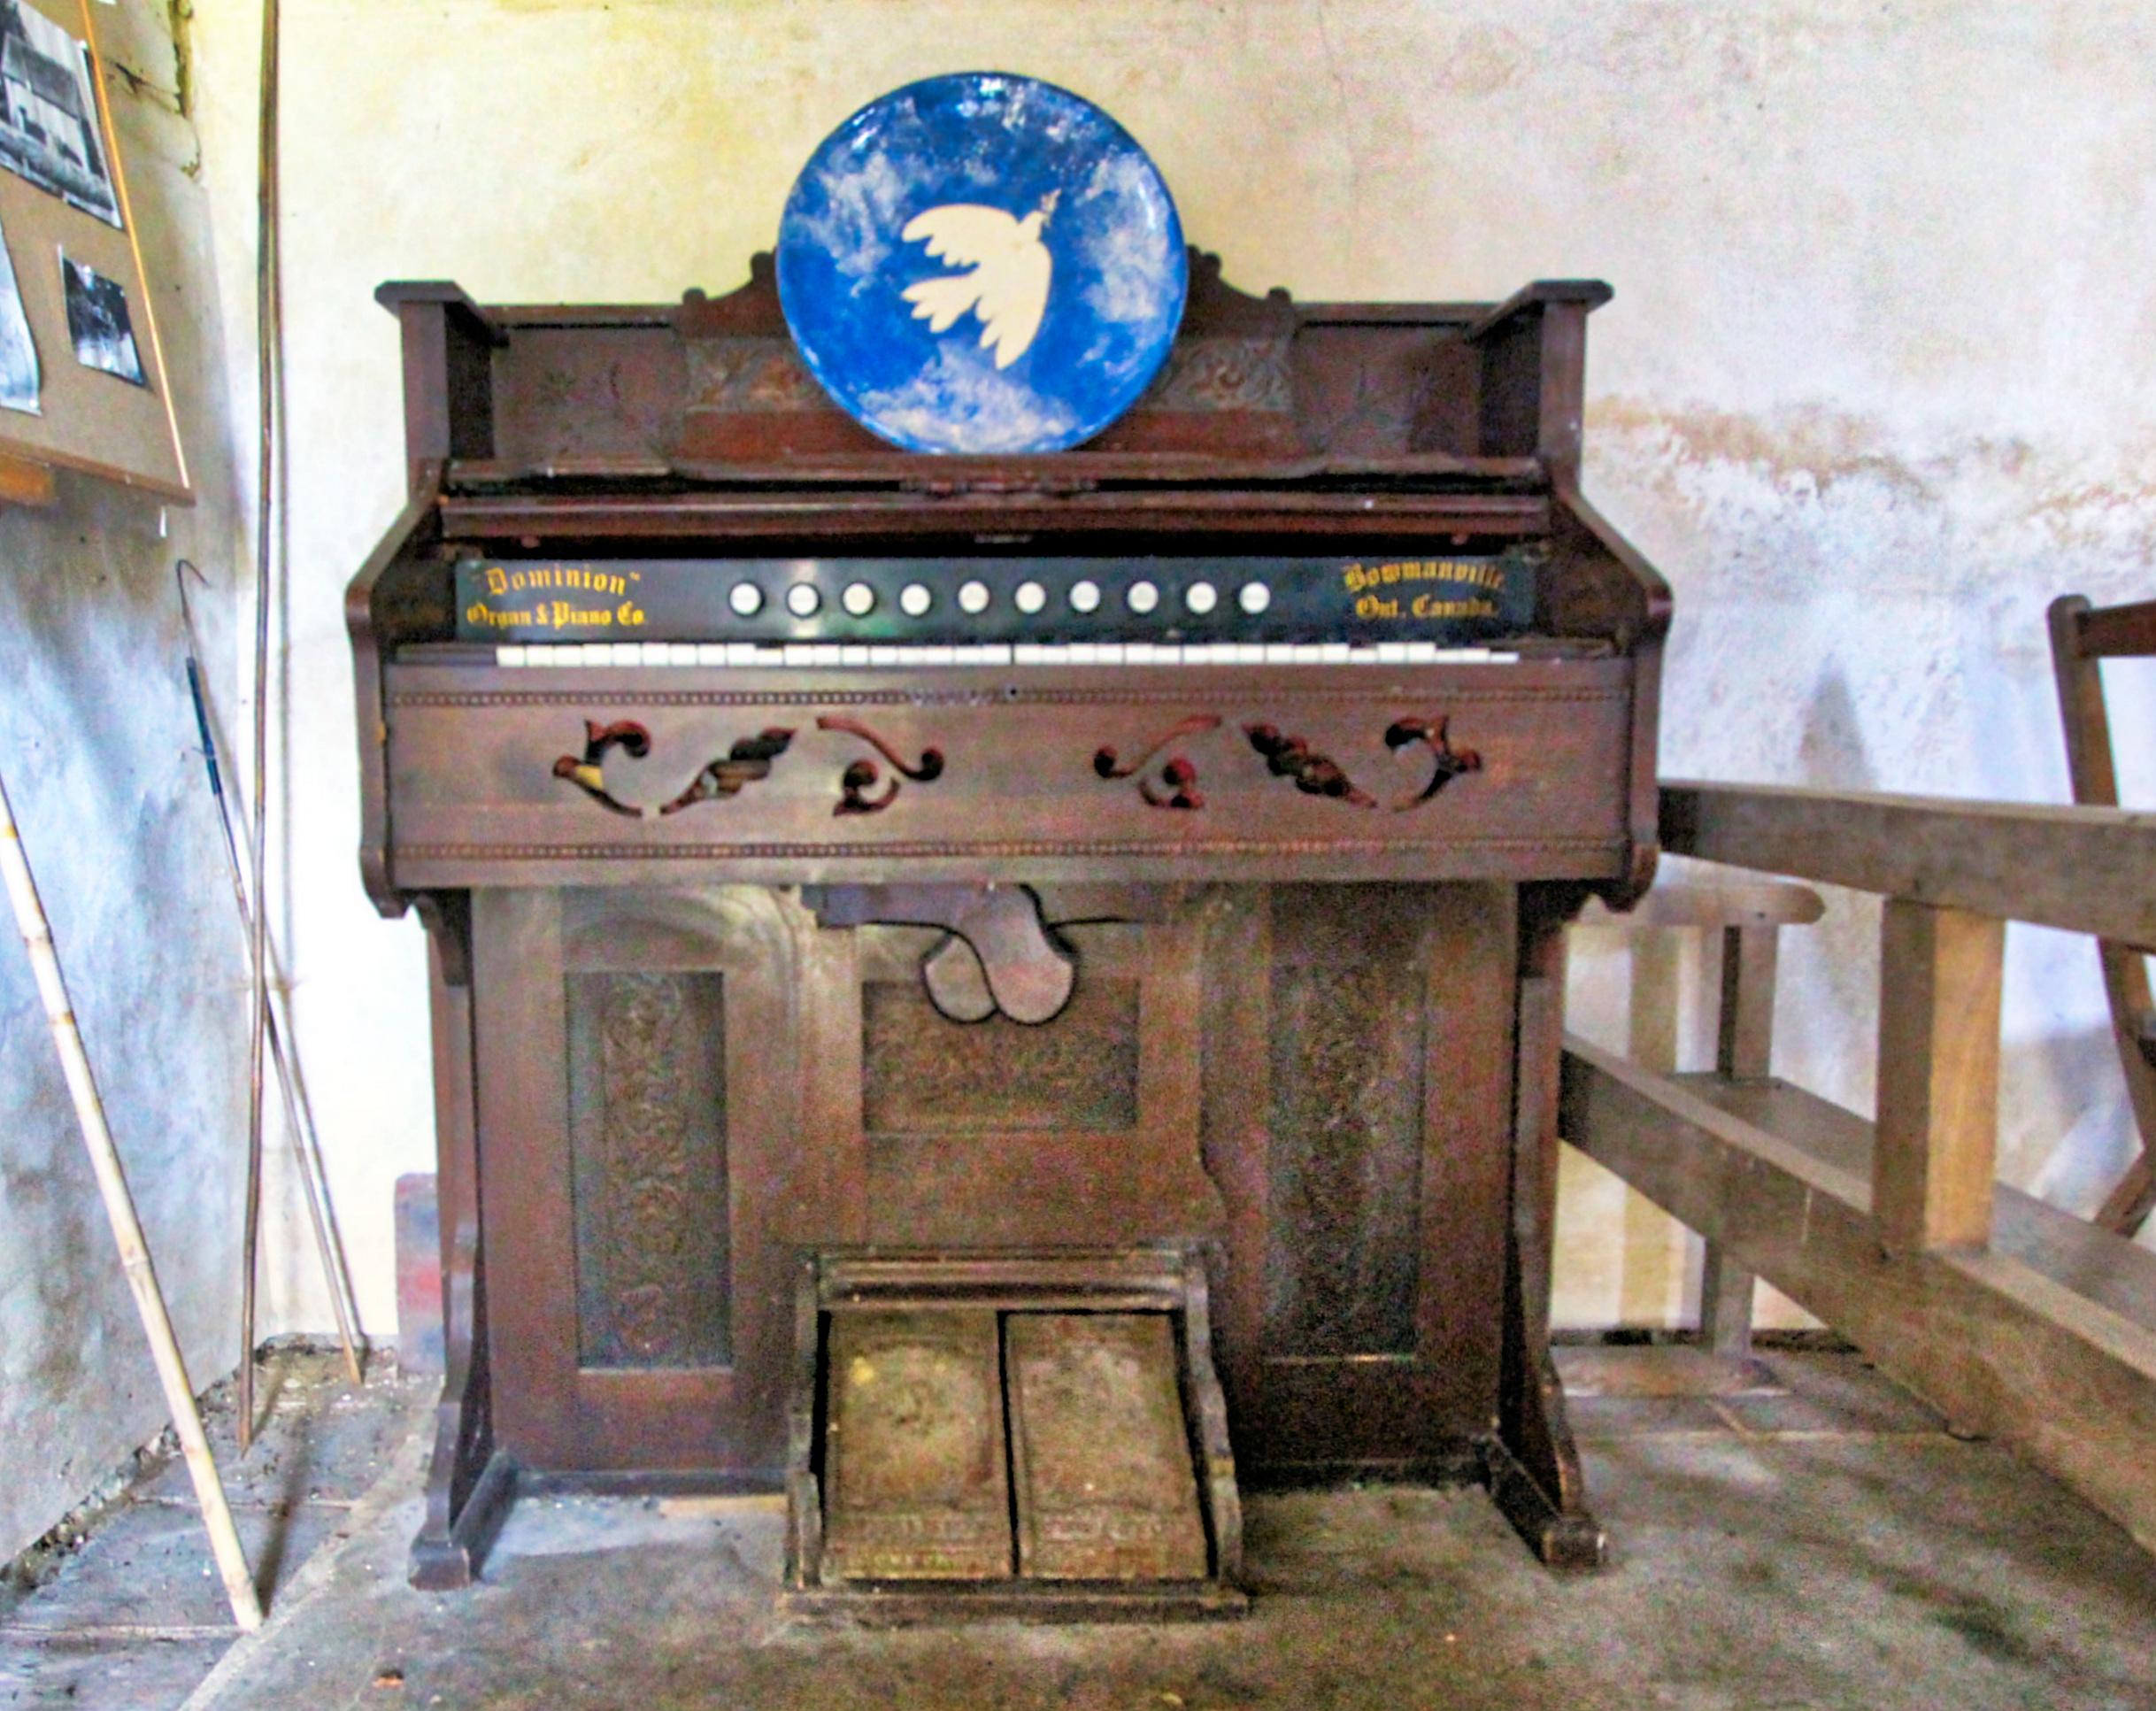 Eldon piano